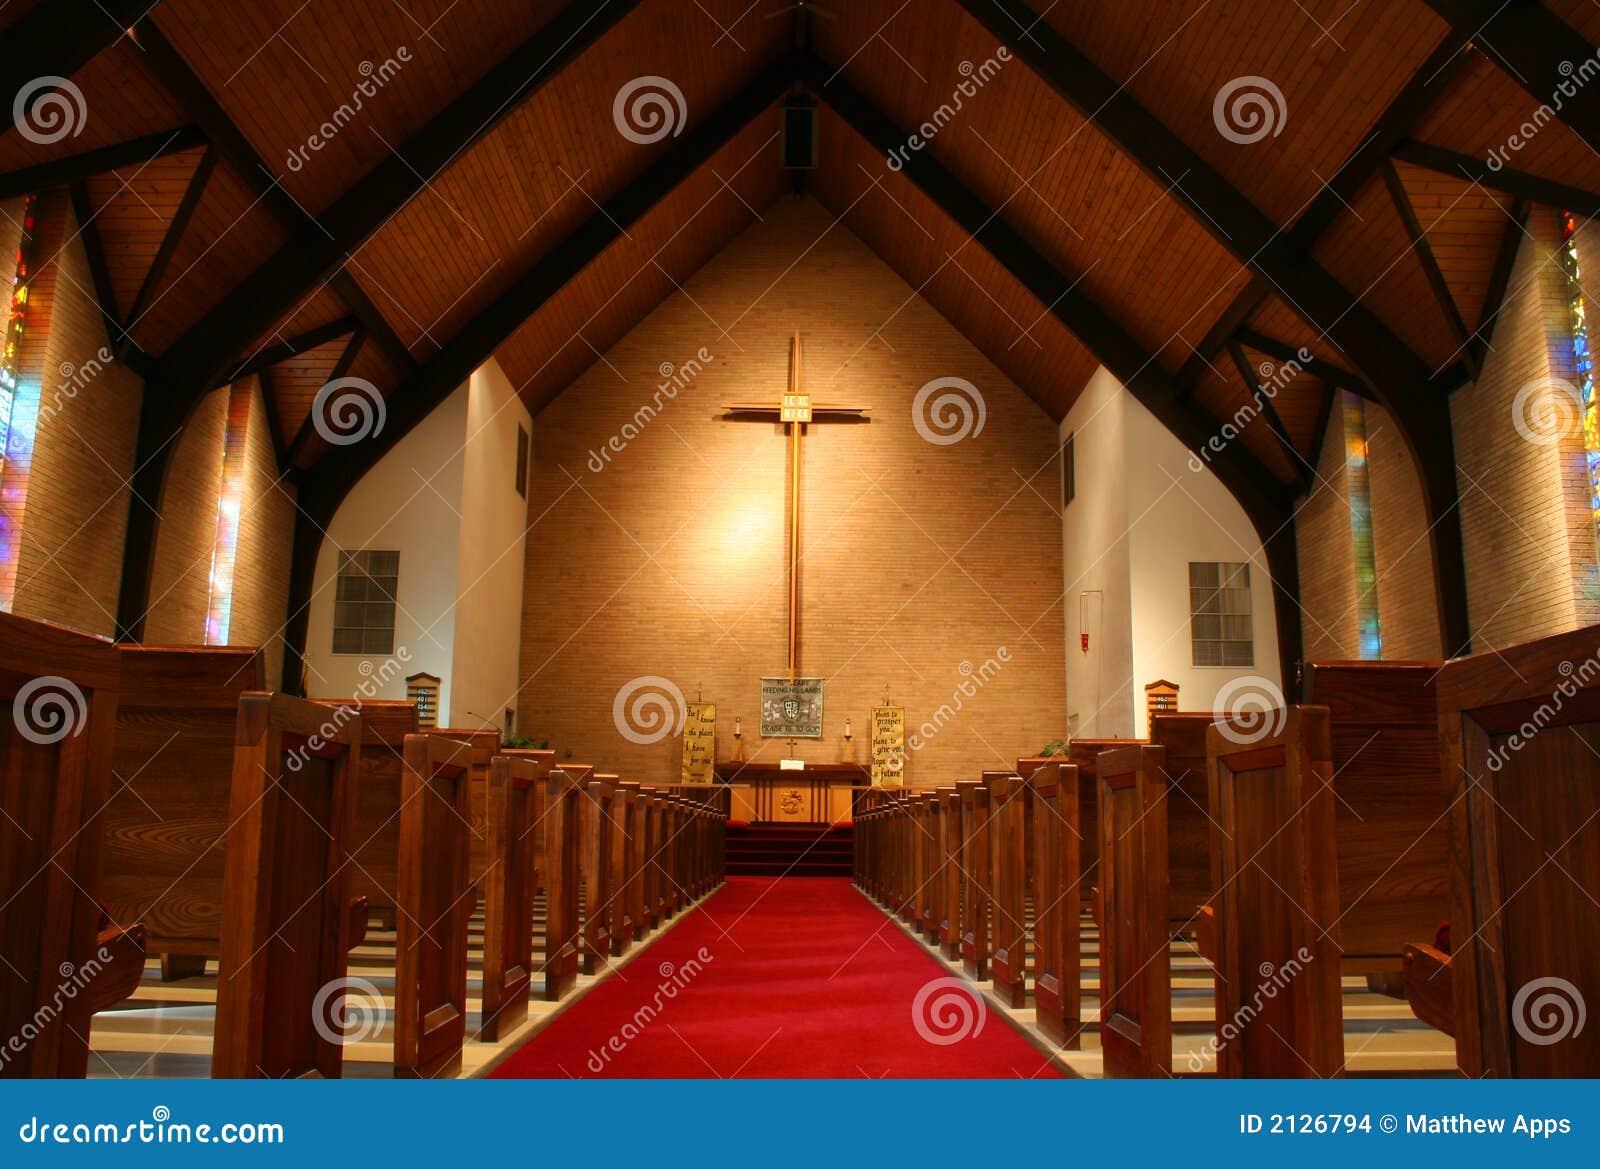 All 39 interno di una chiesa immagini stock immagine 2126794 for Interno chiesa